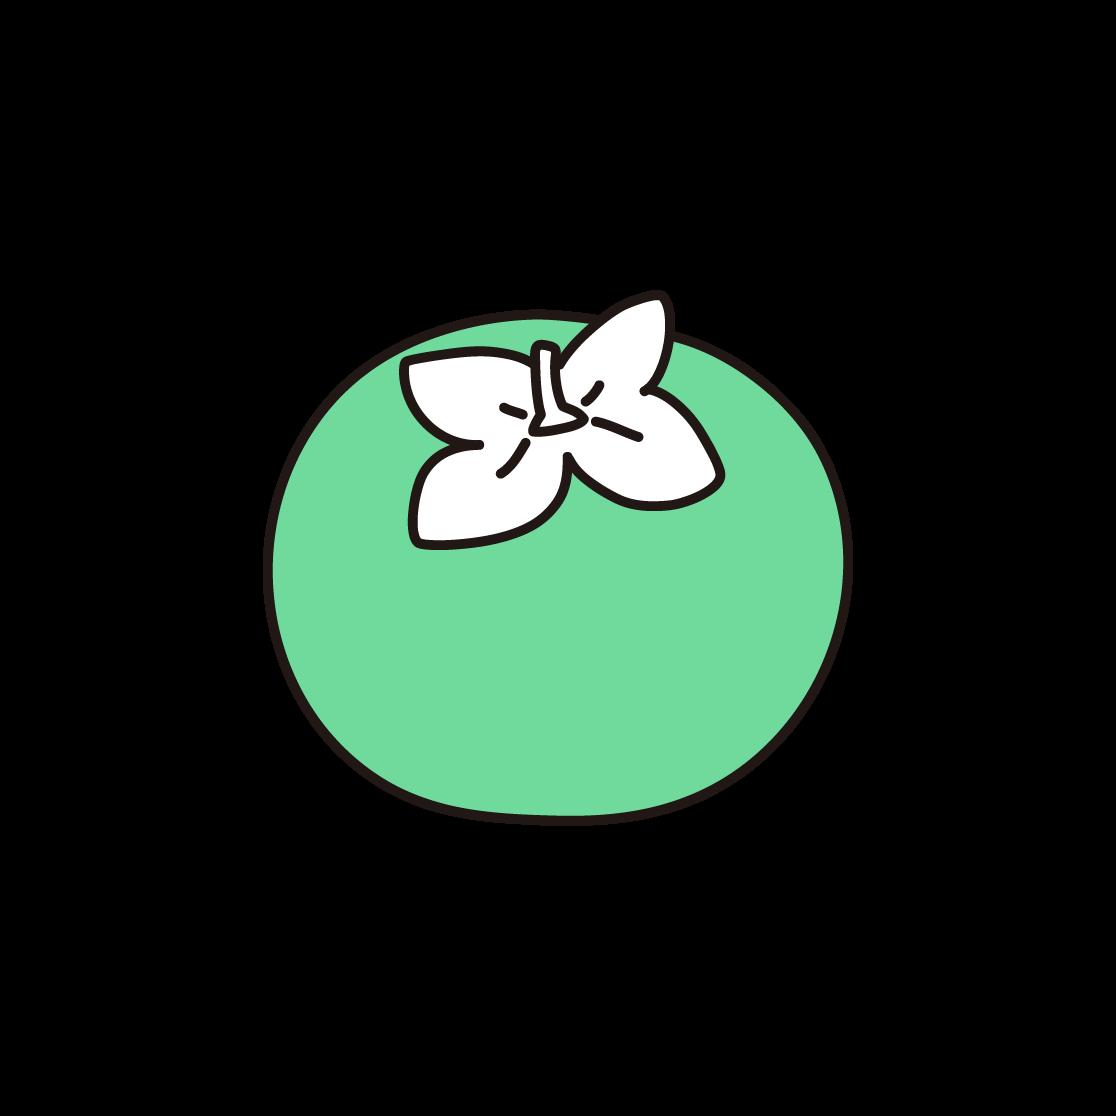 柿の単色イラスト